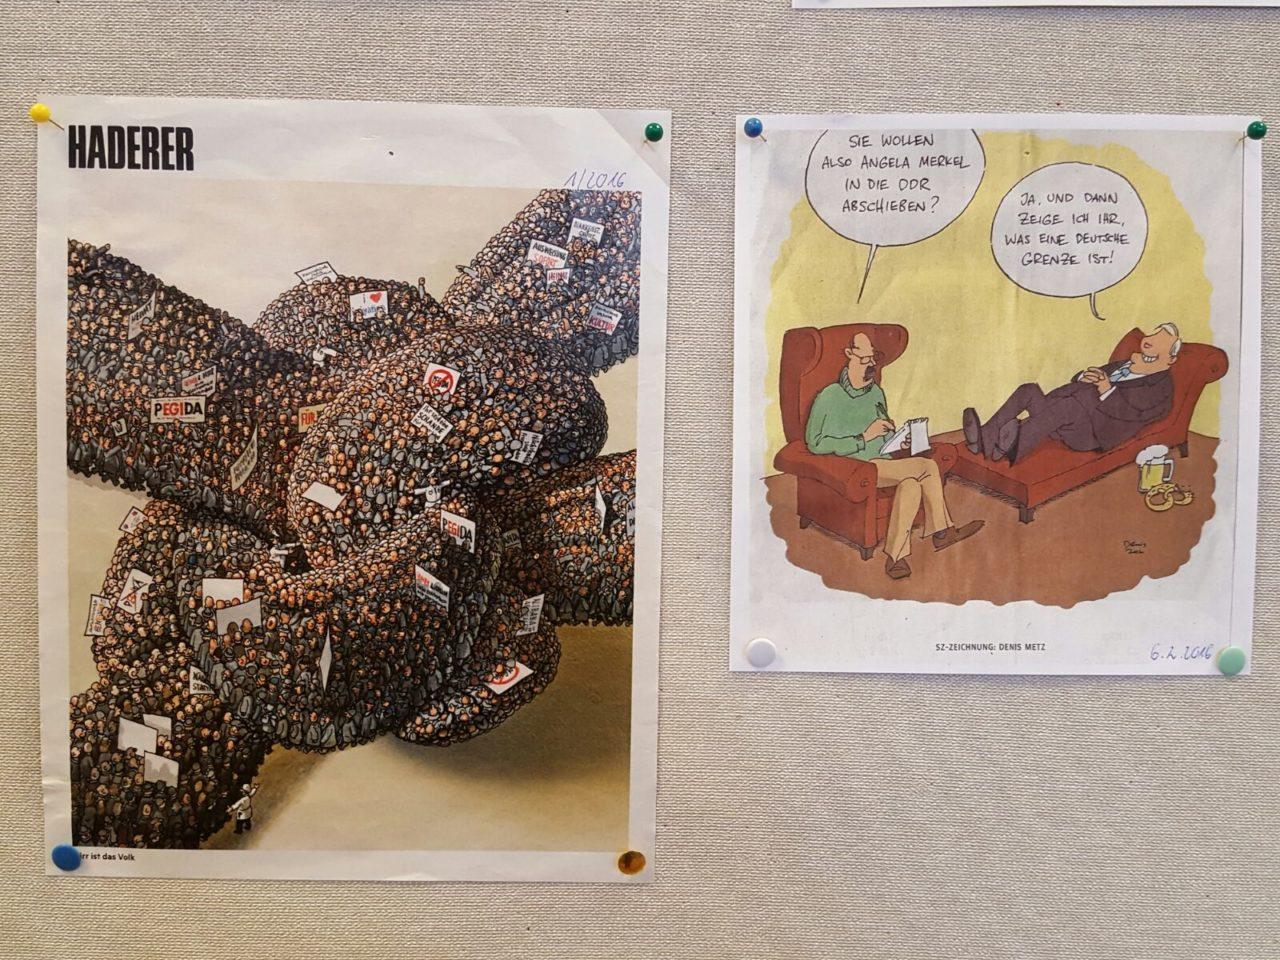 45 Jahre Amnesty International Miesbach - Karikaturenausstellung in der Stadtbücherei - Karrikaturen 2016